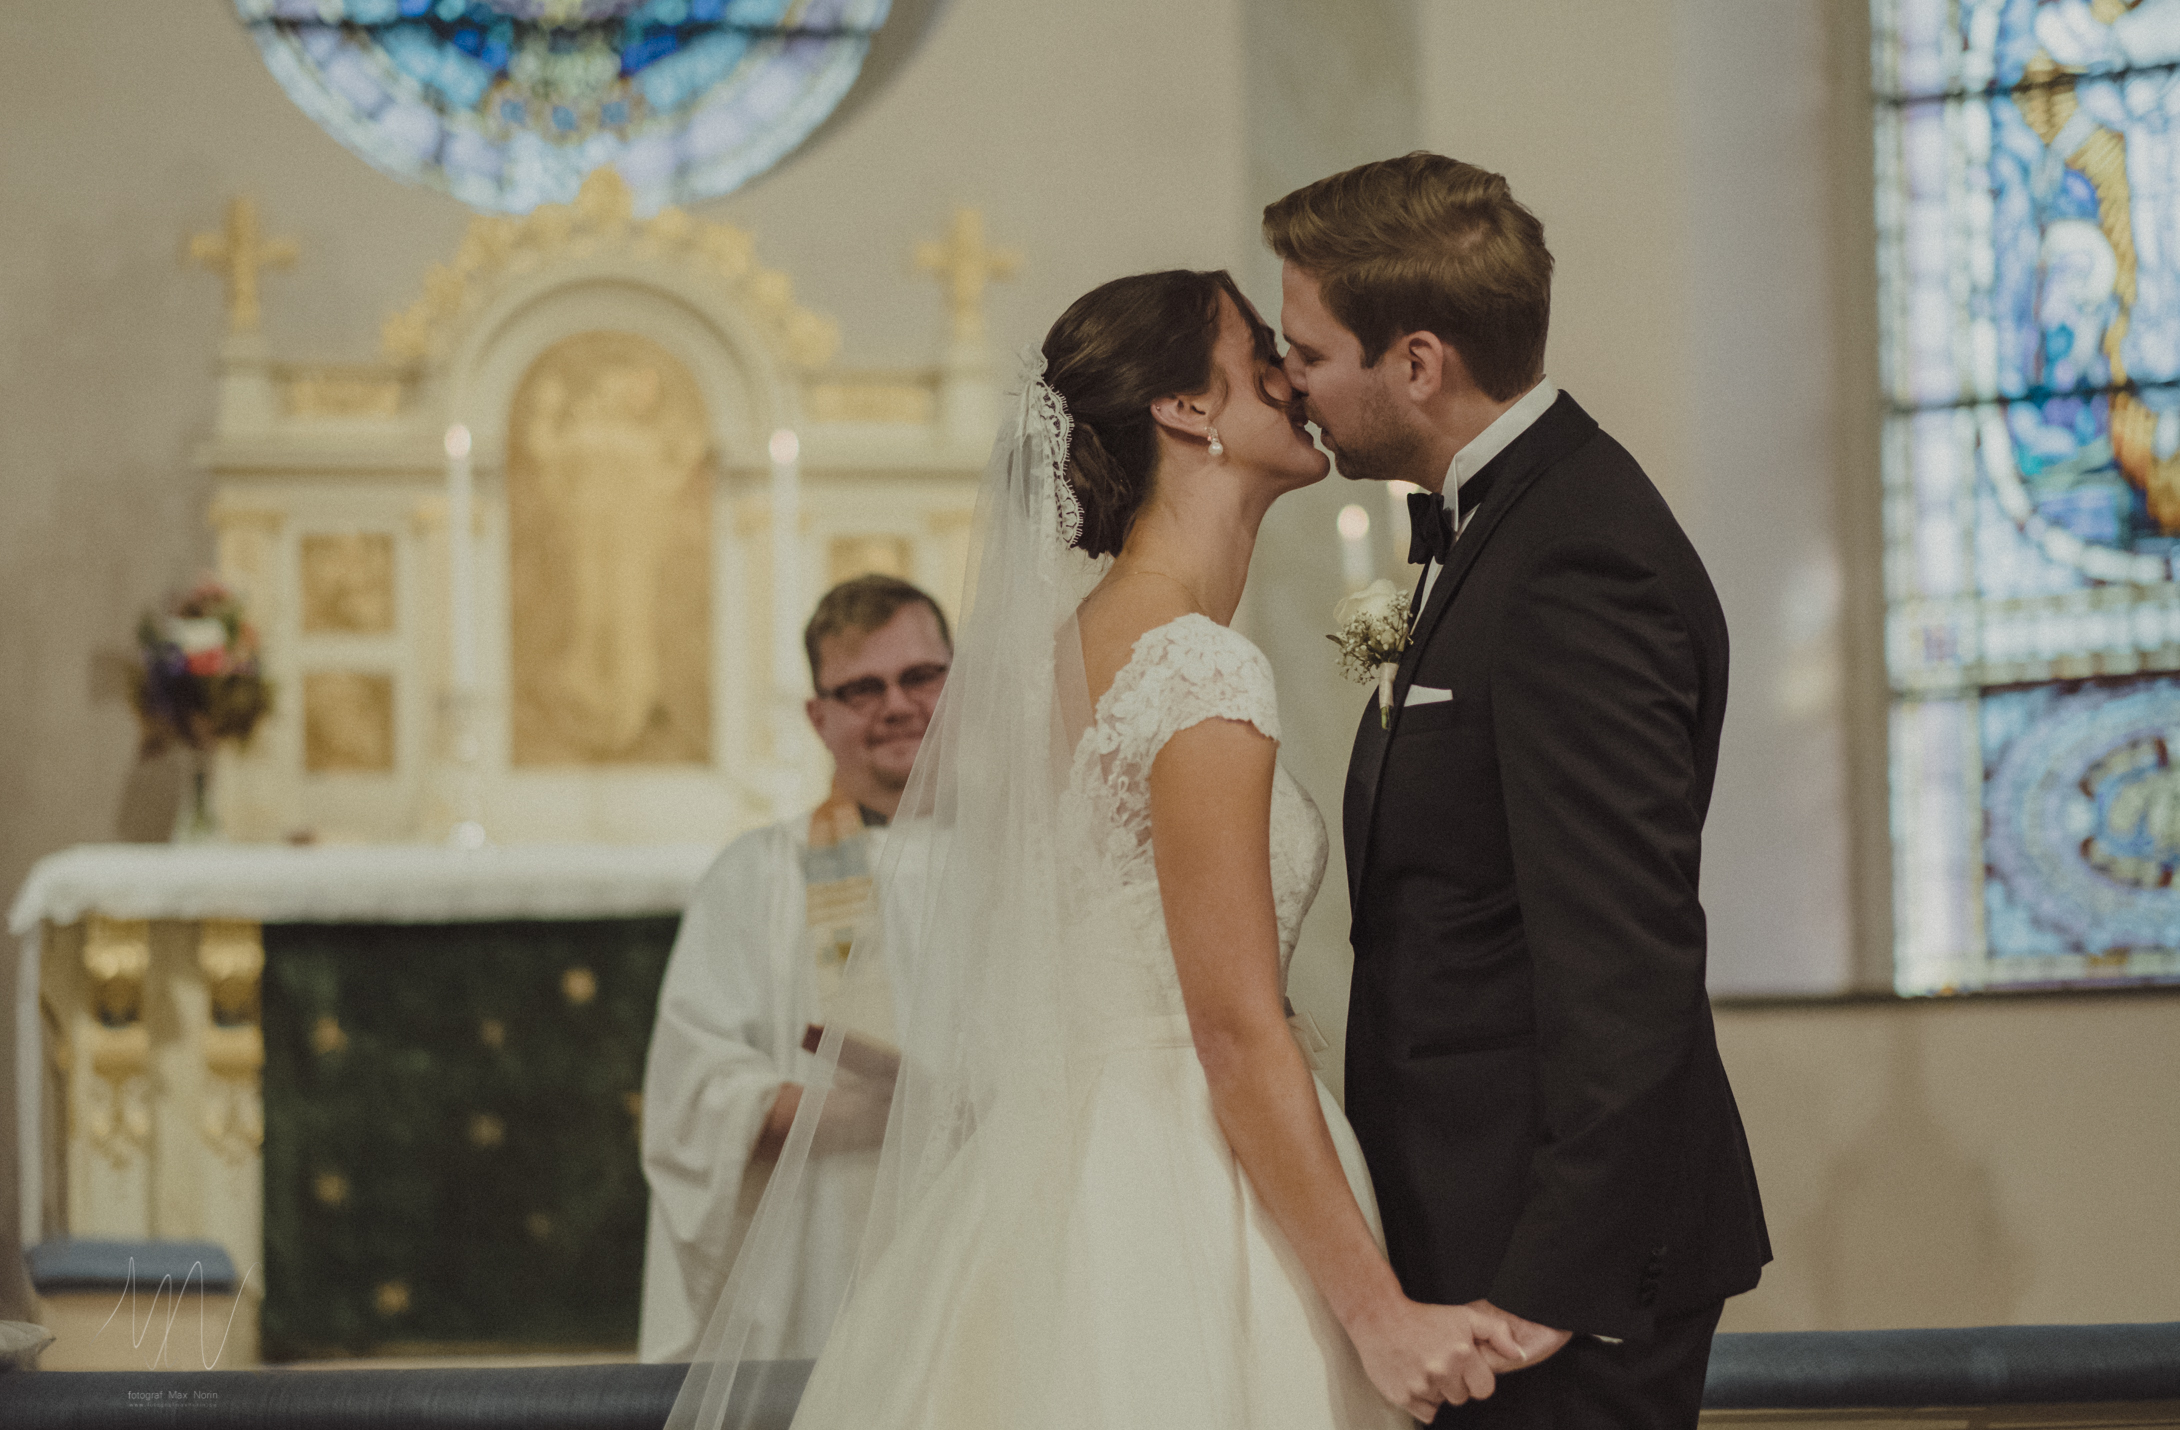 bröllopsfoto-fotograf-max-norin-159.jpg